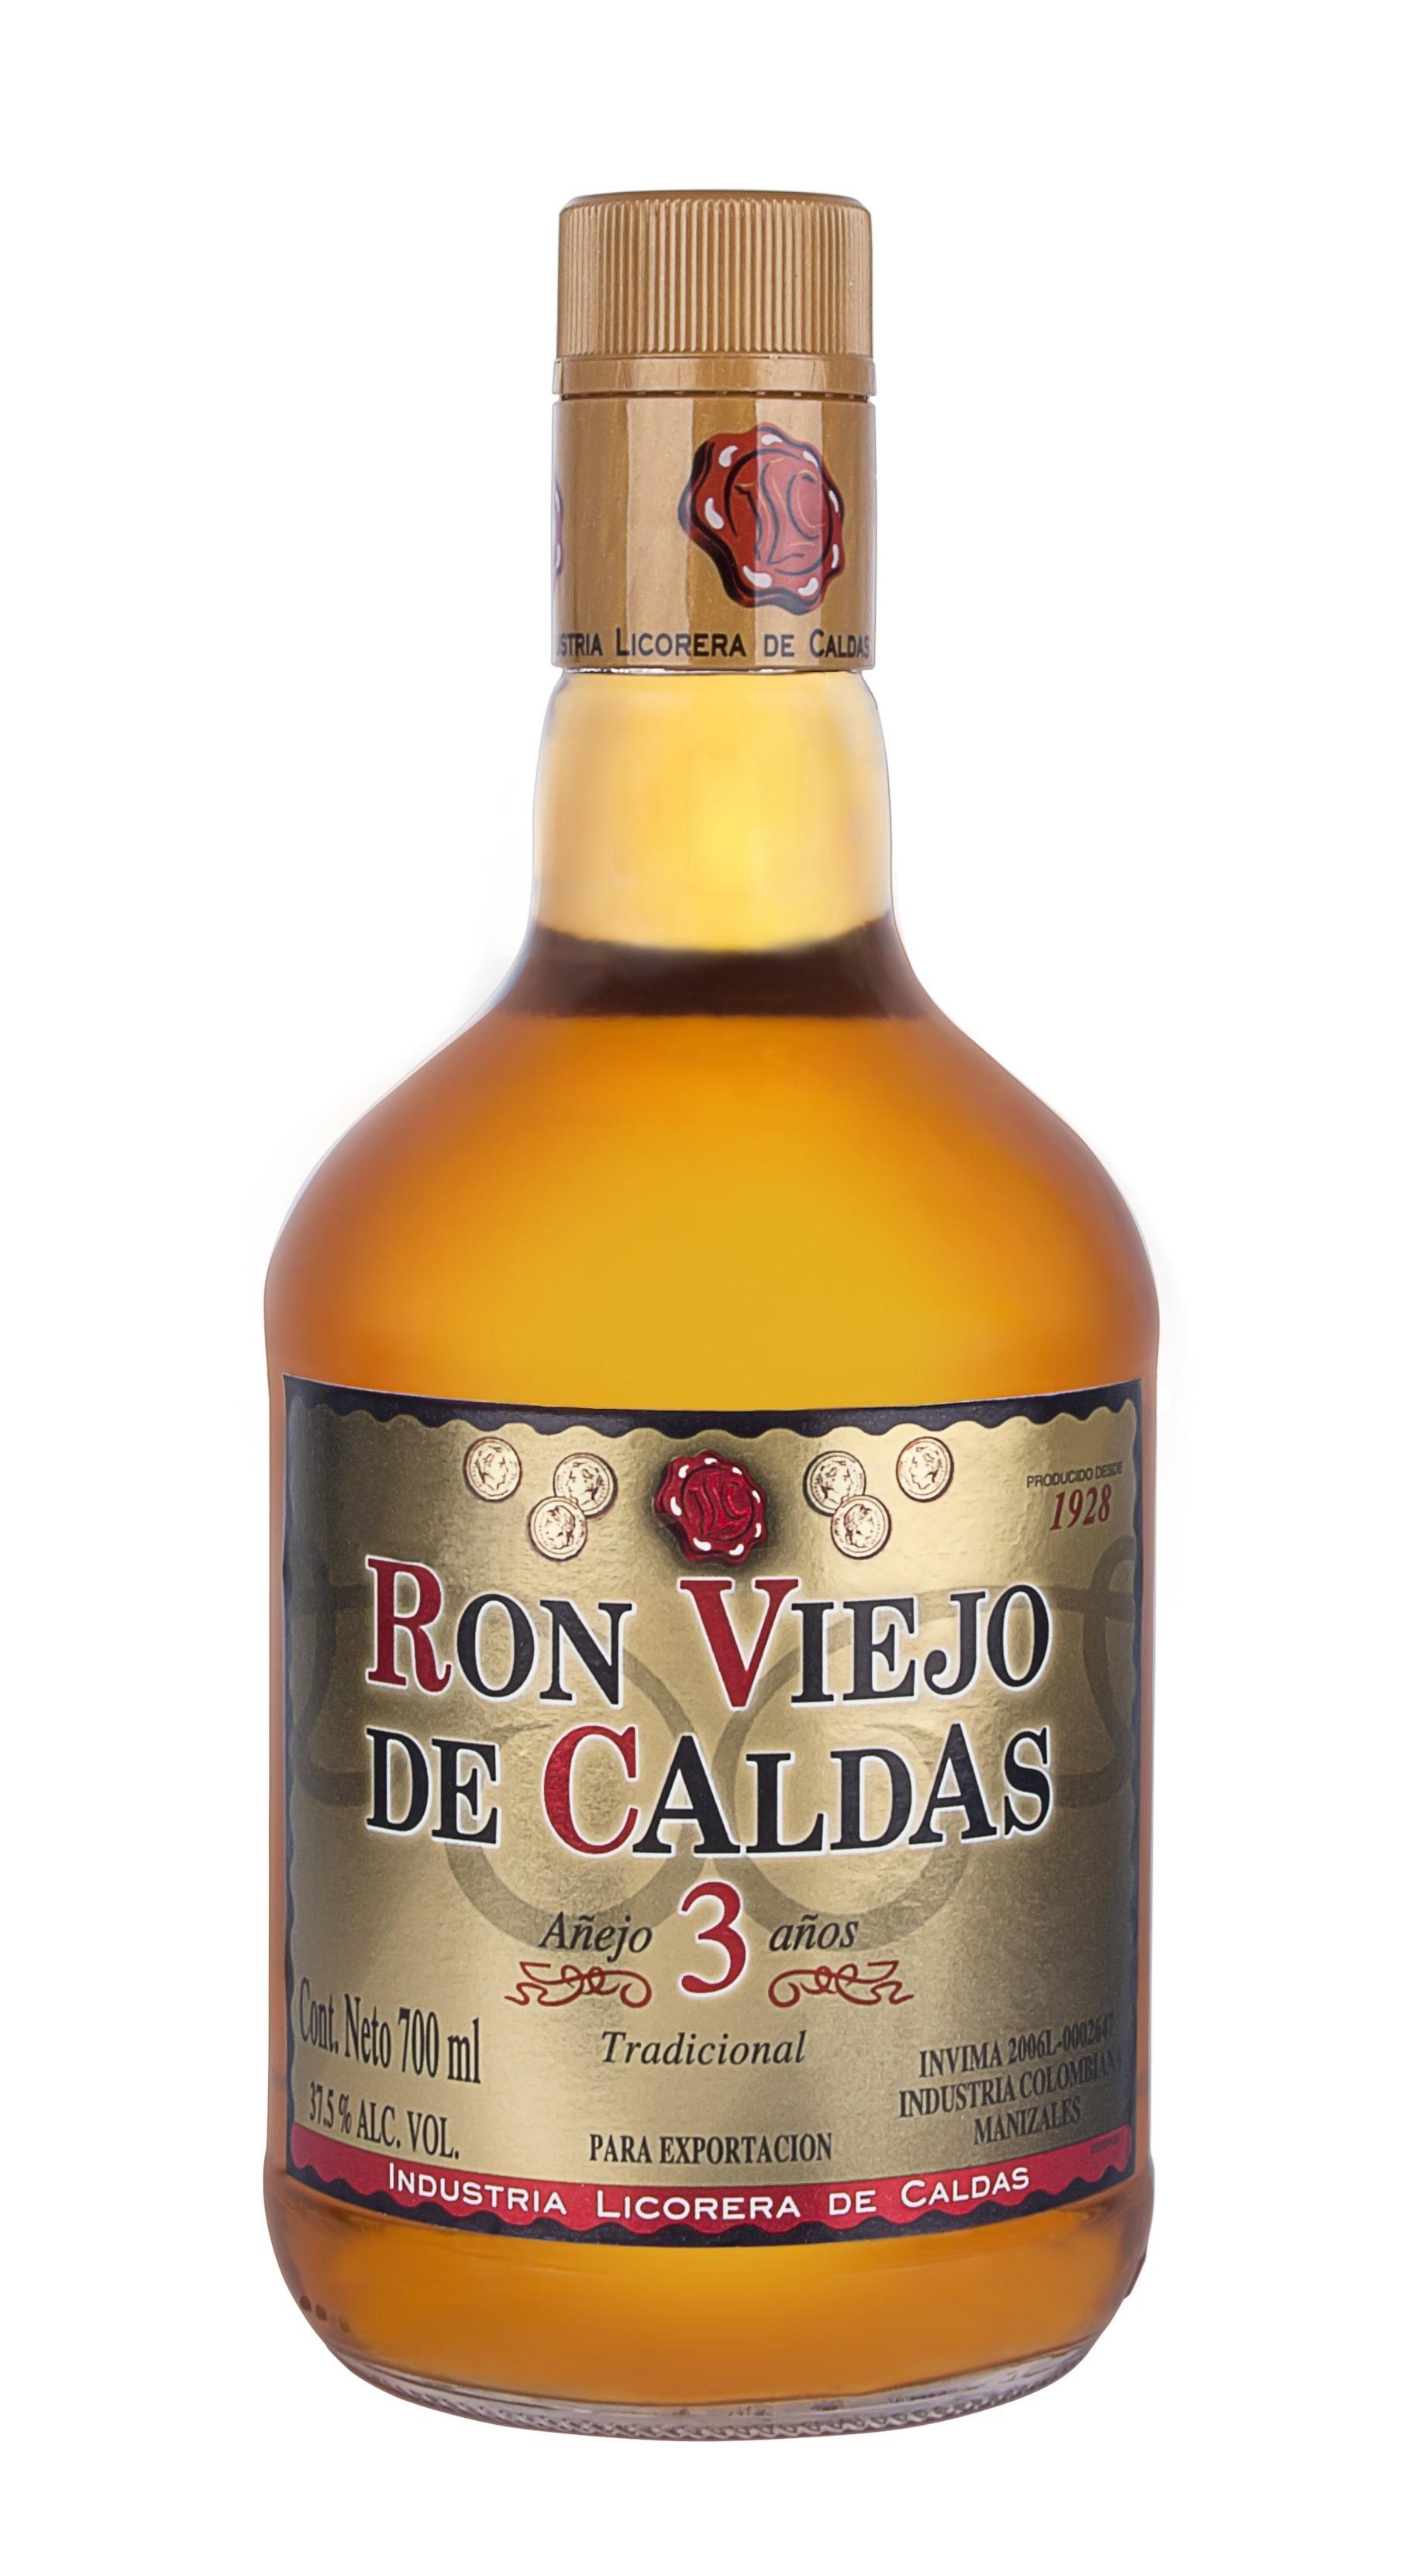 RON VIEJO DE CALDAS 3 AÑOS